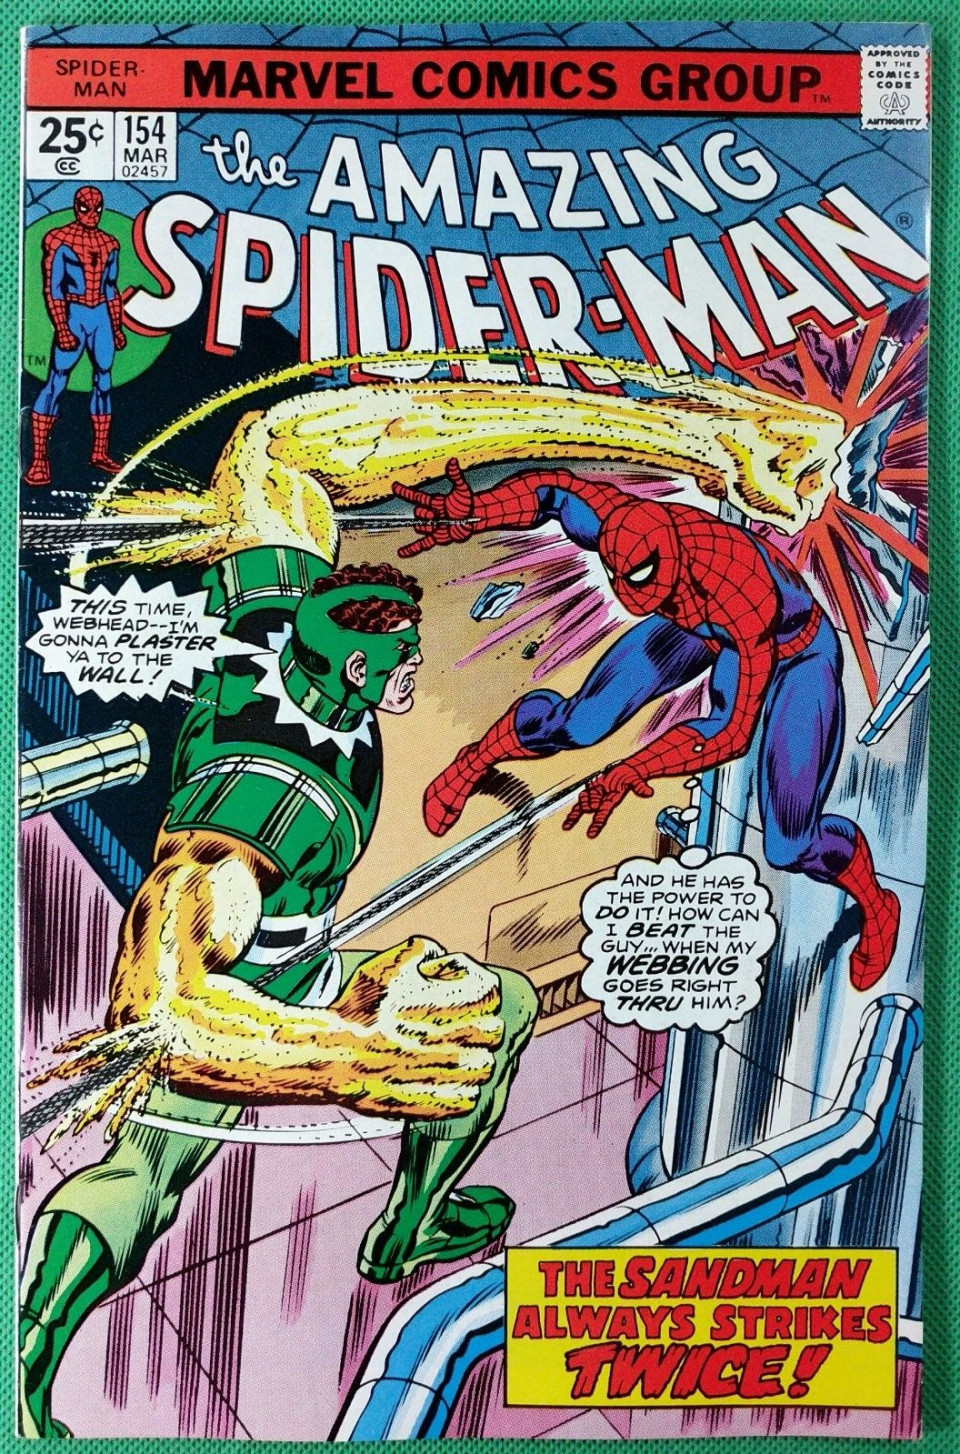 | Amazing Spider-Man (1963) #154 VF- (8.0) vs Sandman